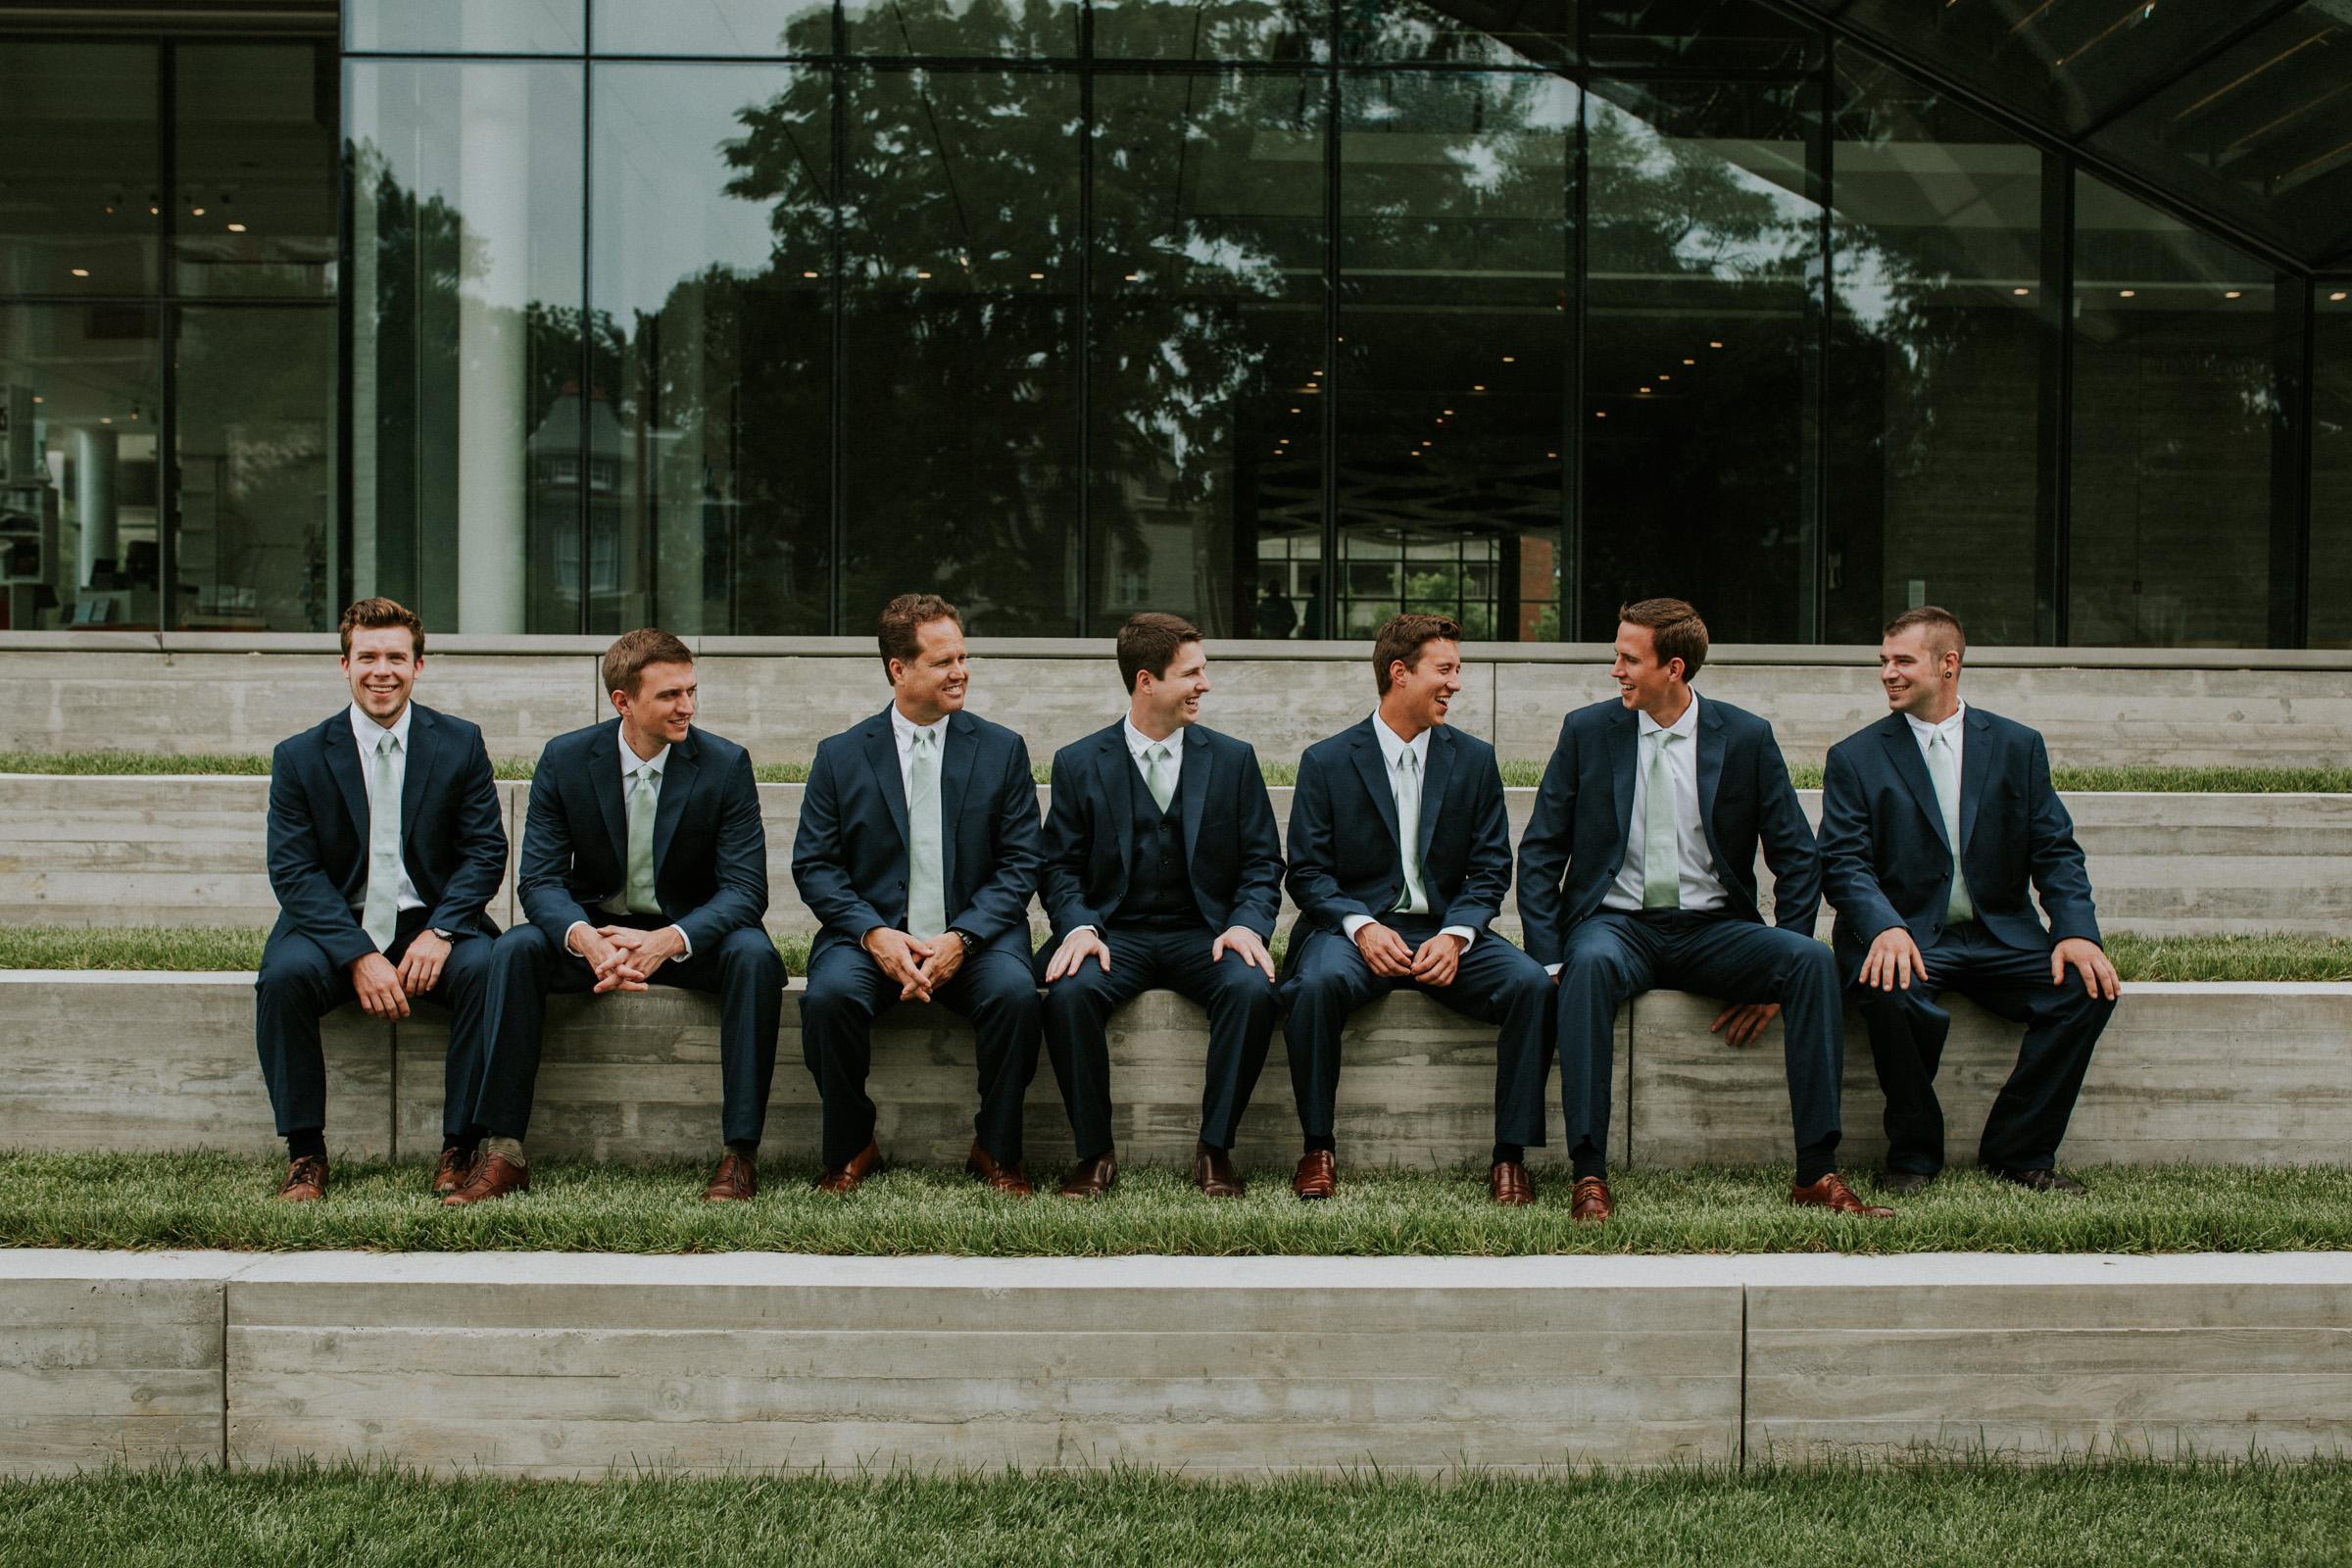 Weddings-54.jpg